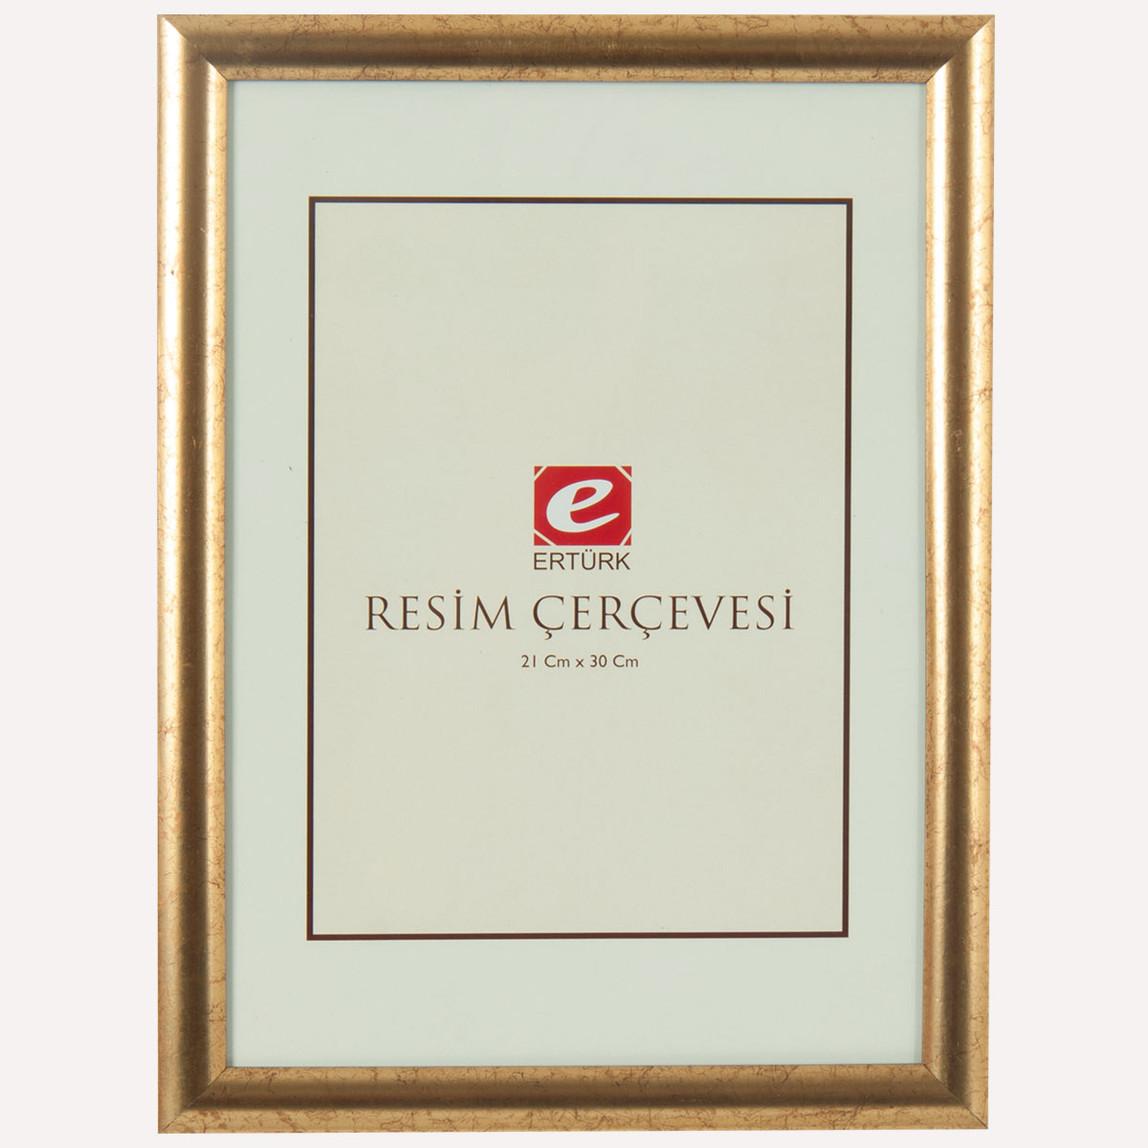 21x30 cm Resim Çerçevesi